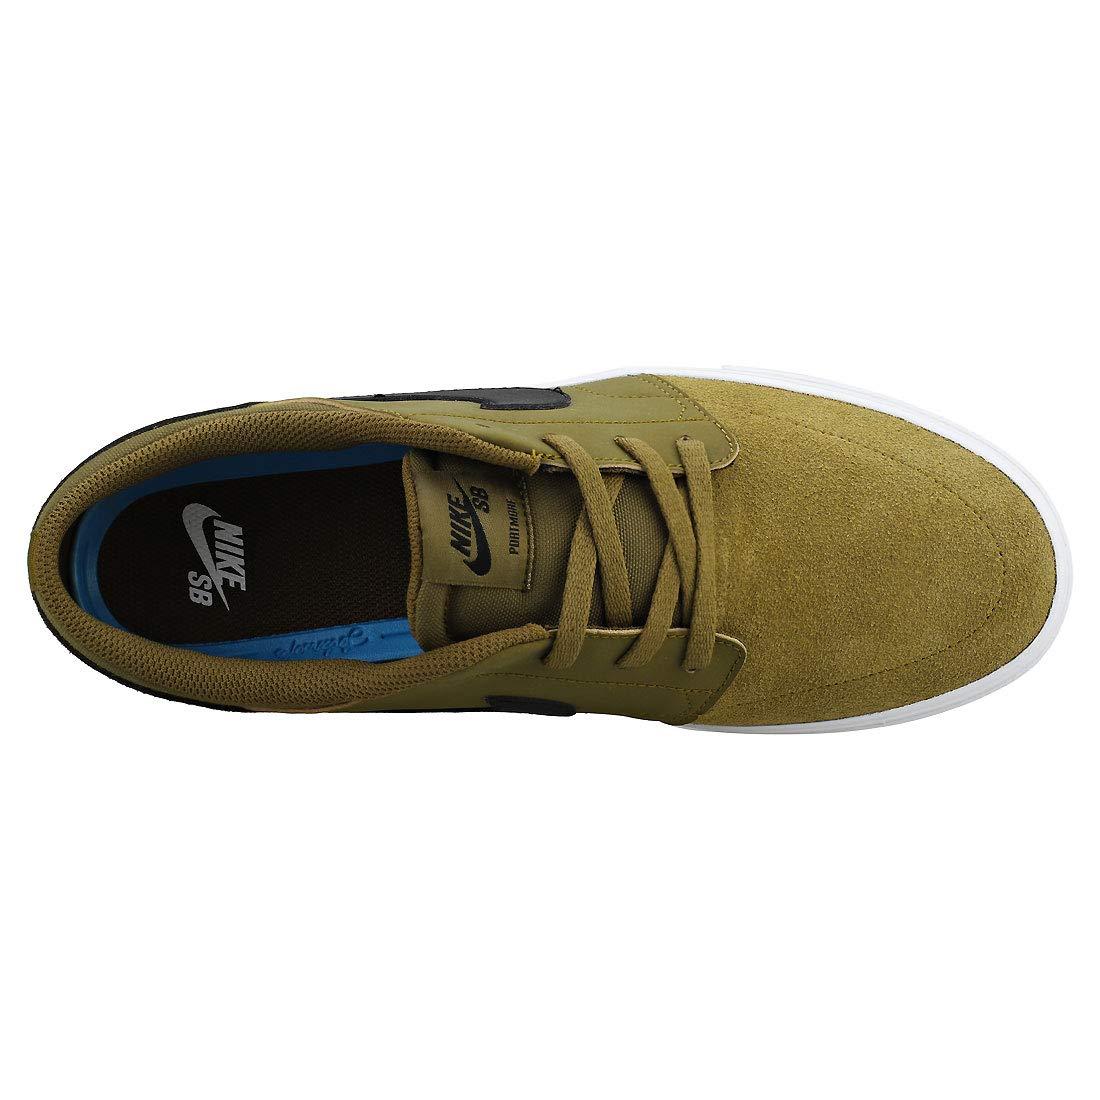 Nike SB Portmore II Solar Scarpe da da da Skateboard Unisex – Adulto B07HHLYKRZ Parent | Eccellente valore  | prezzo di vendita  | Nuovo Prodotto  | Primo nella sua classe  | Ogni articolo descritto è disponibile  | adottare  1a45e4